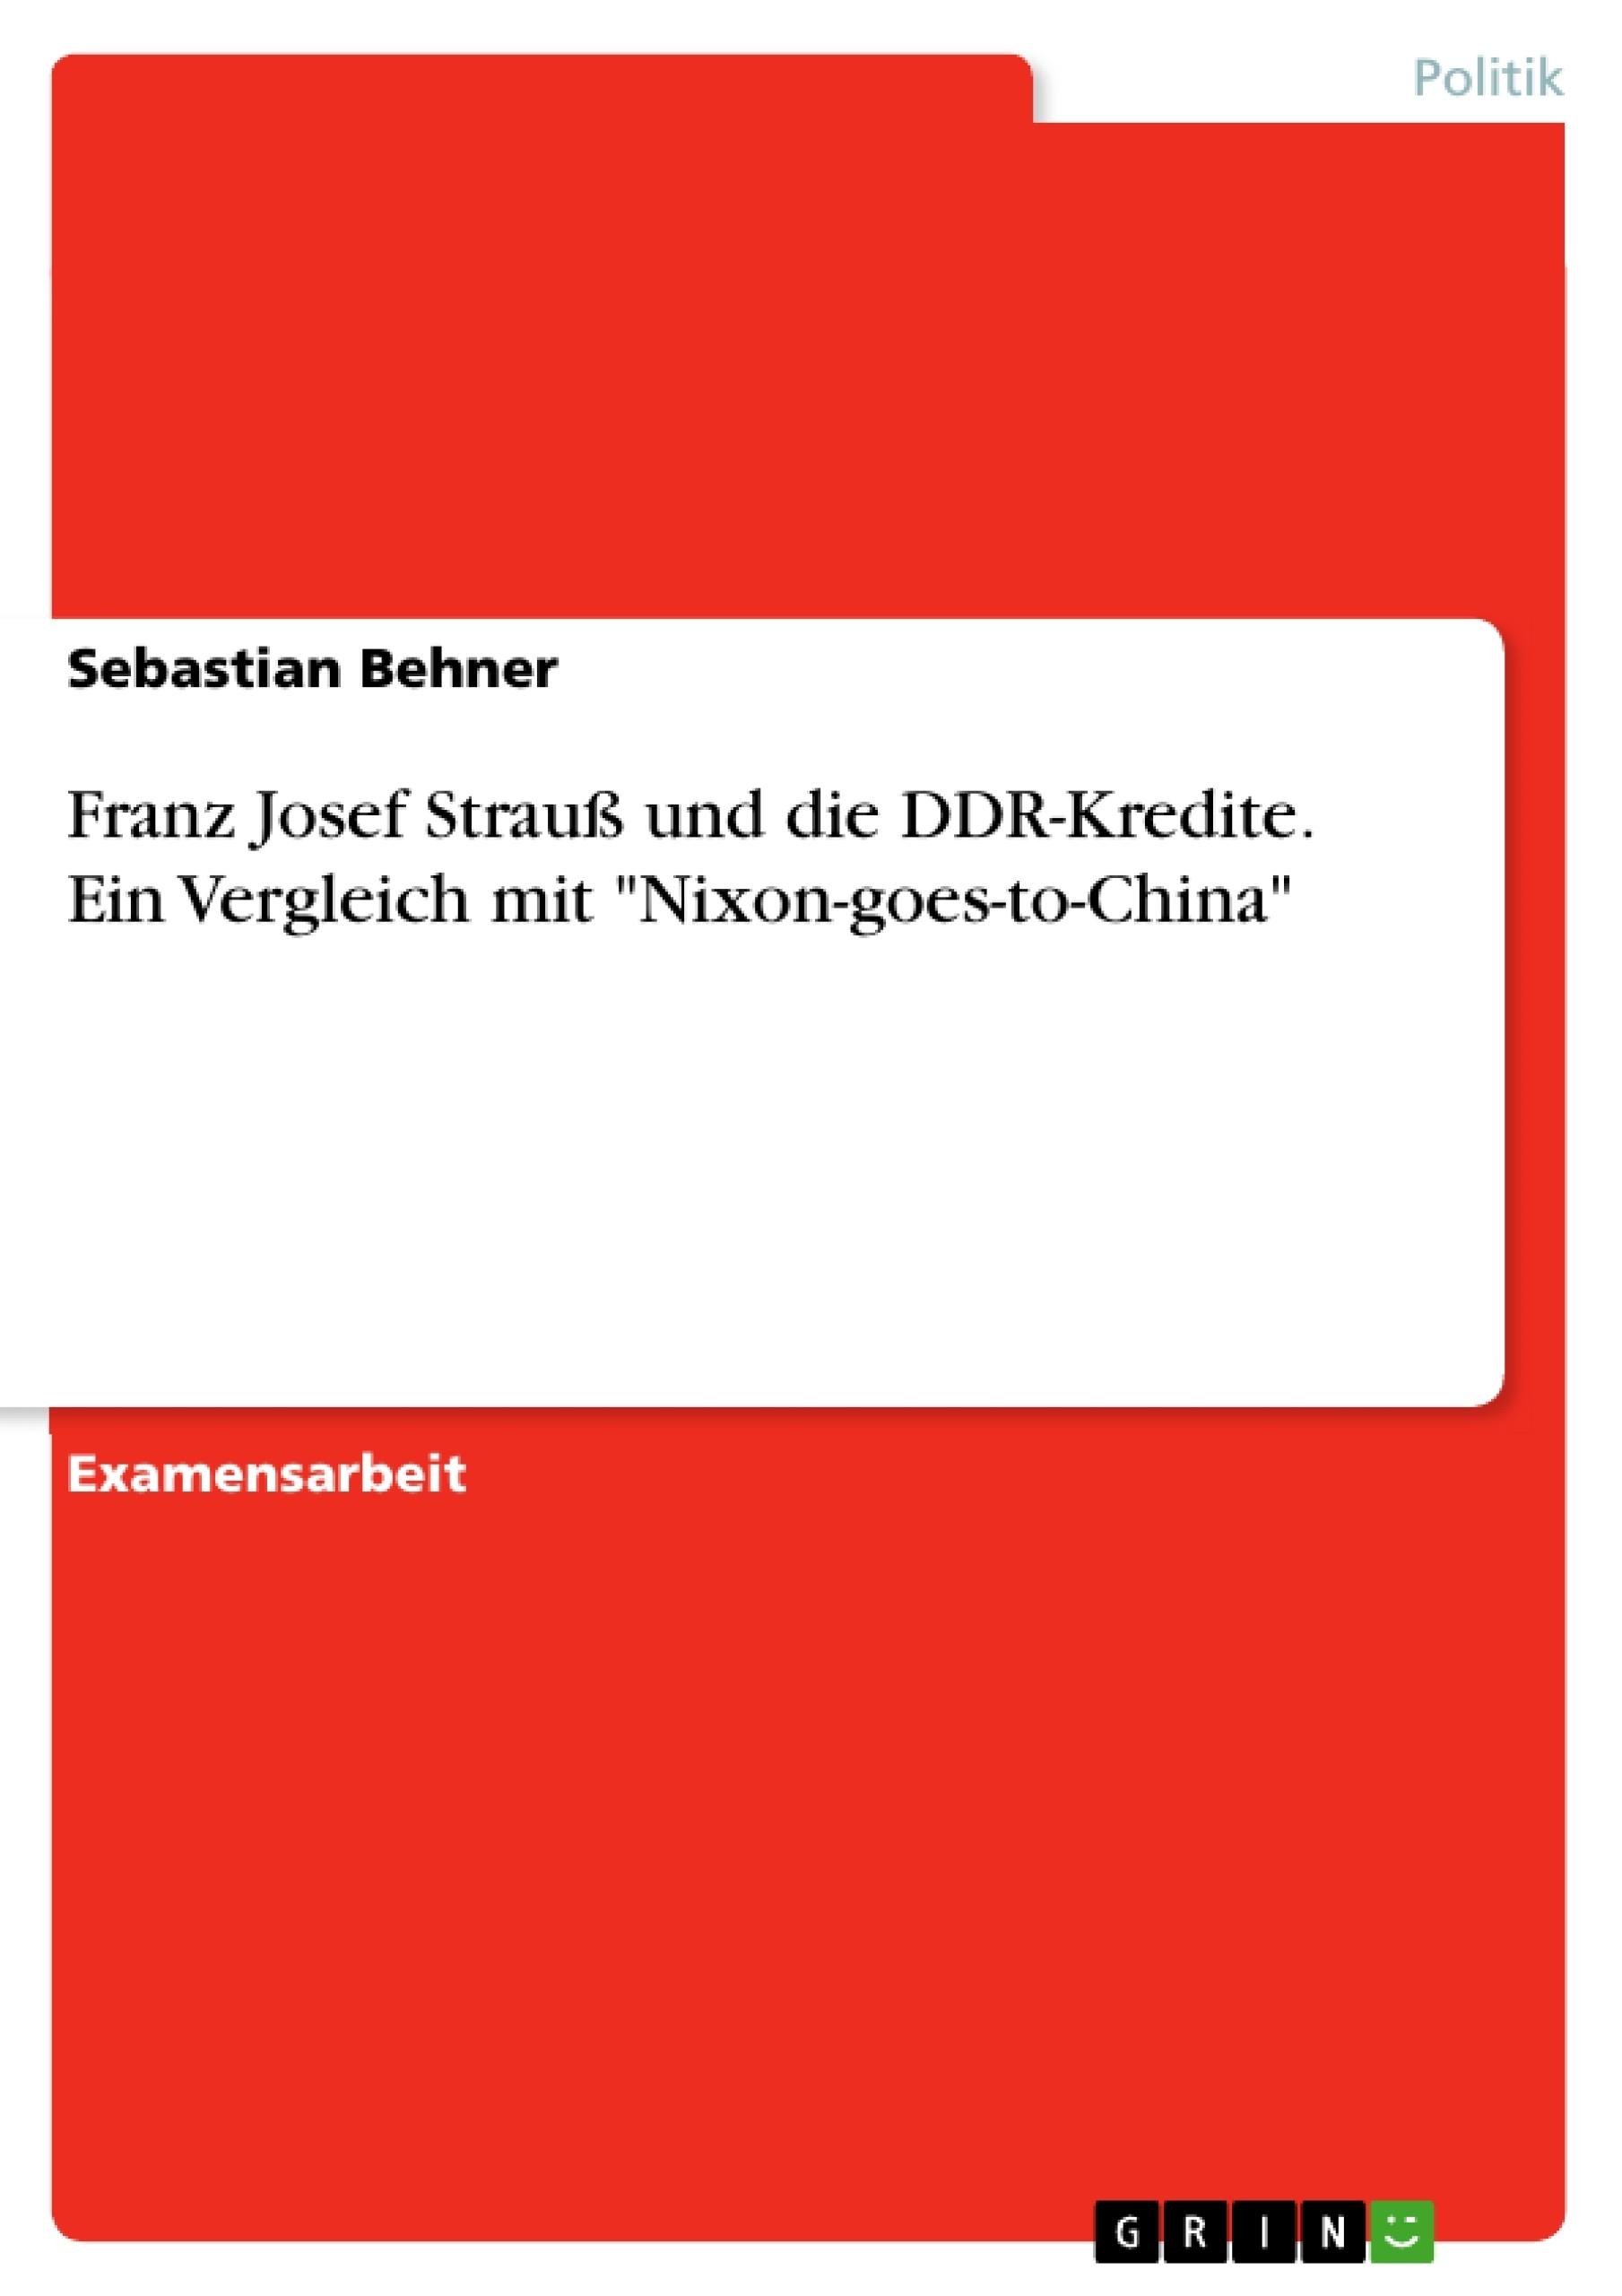 """Titel: Franz Josef Strauß und die DDR-Kredite. Ein Vergleich mit """"Nixon-goes-to-China"""""""